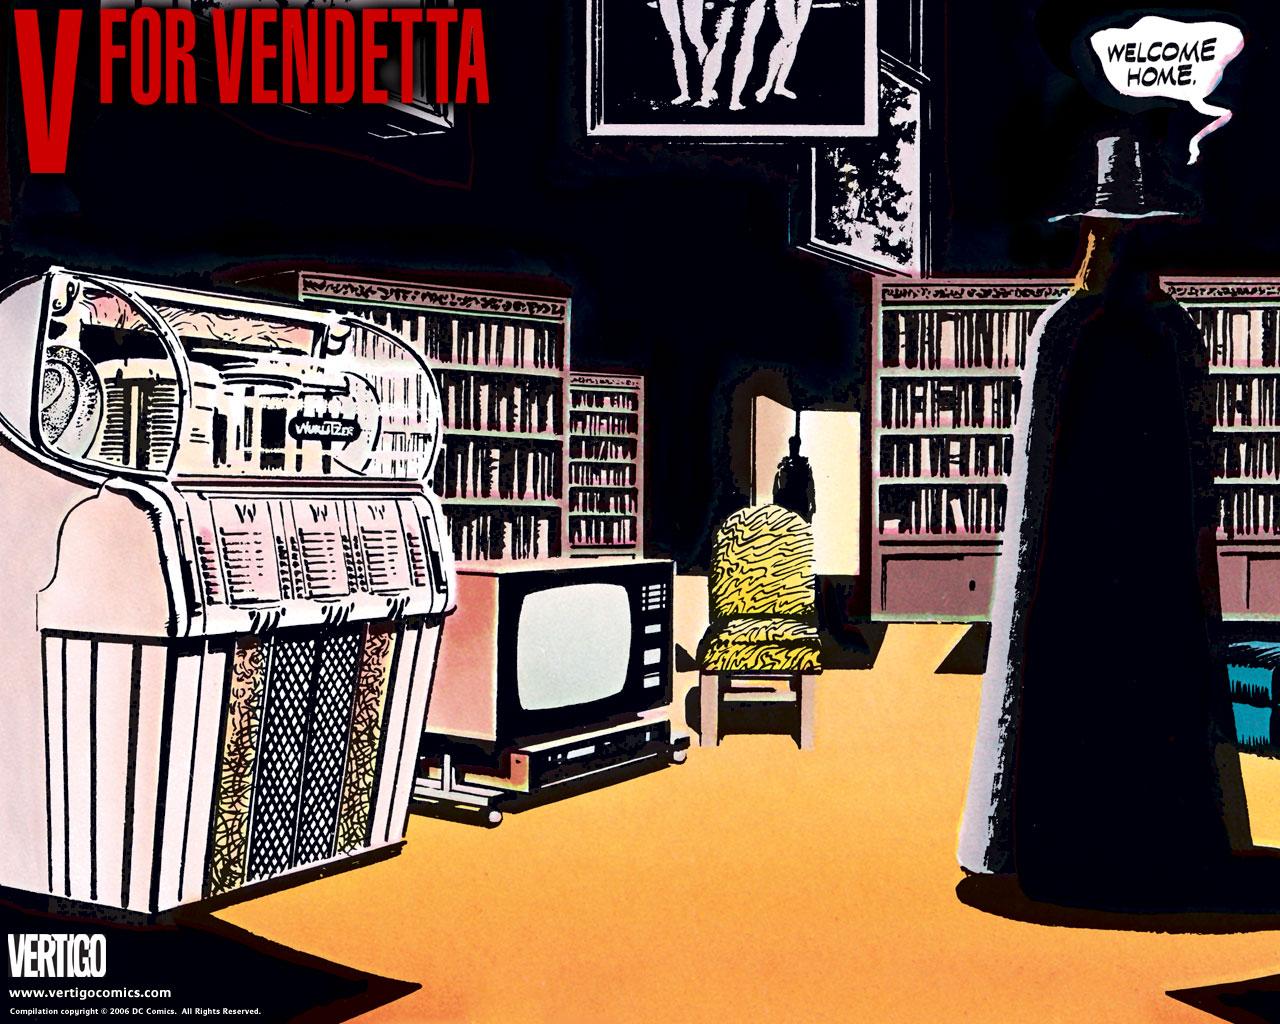 V For Vendetta V For Vendetta Wallpaper 473659 Fanpop